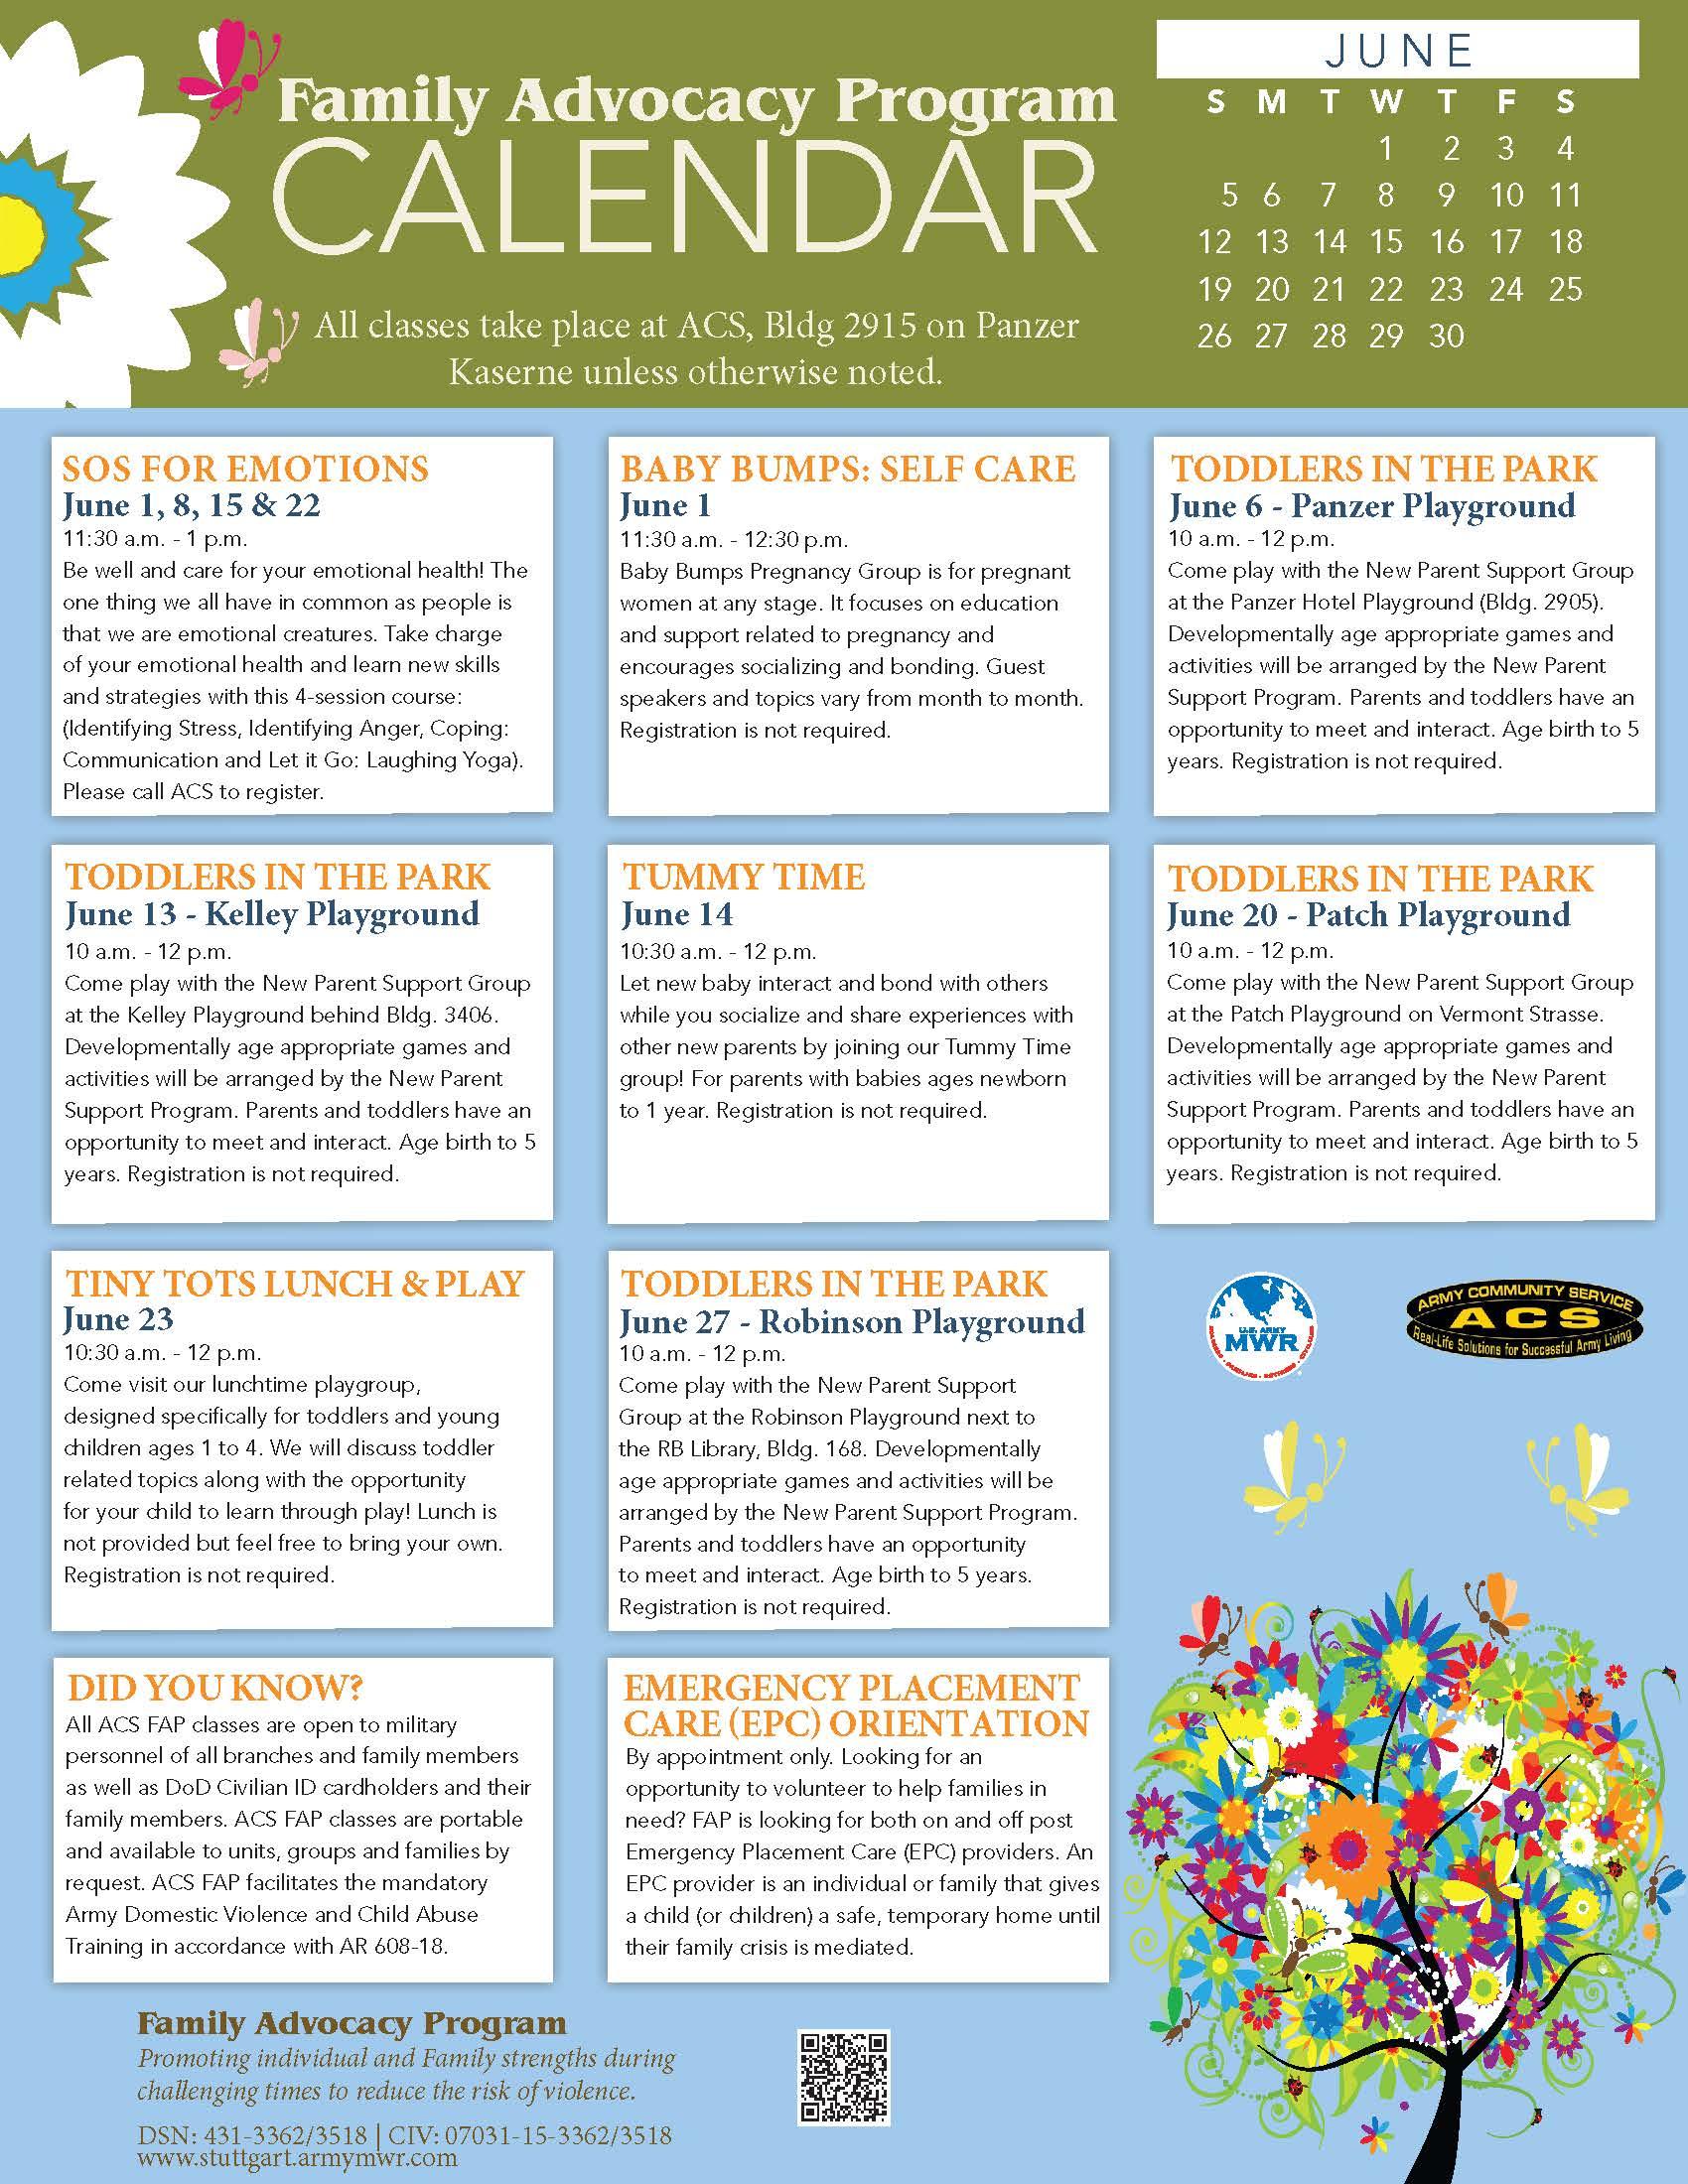 FAP June 2016 Calendar